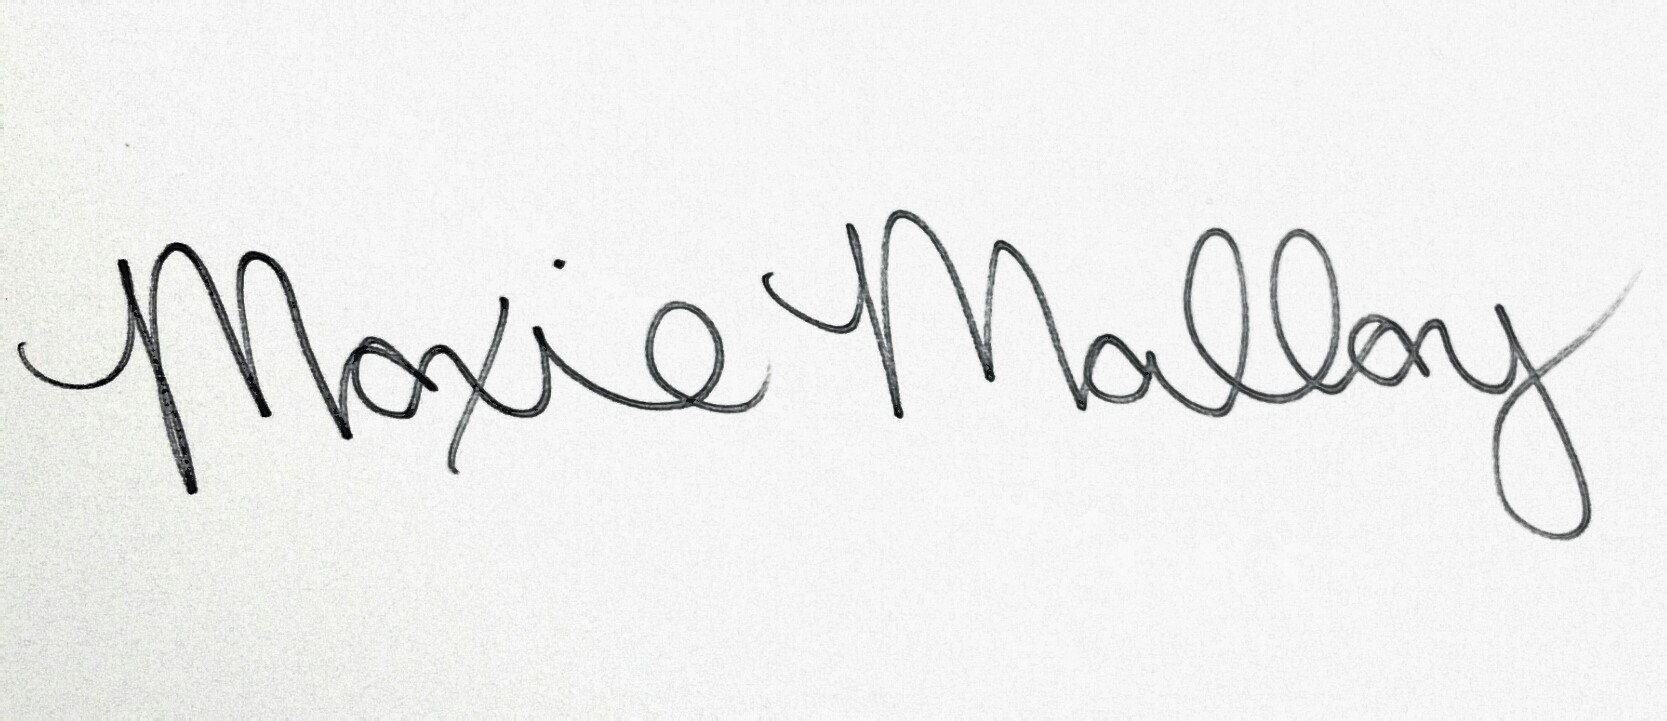 Moxie Malloy's Signature